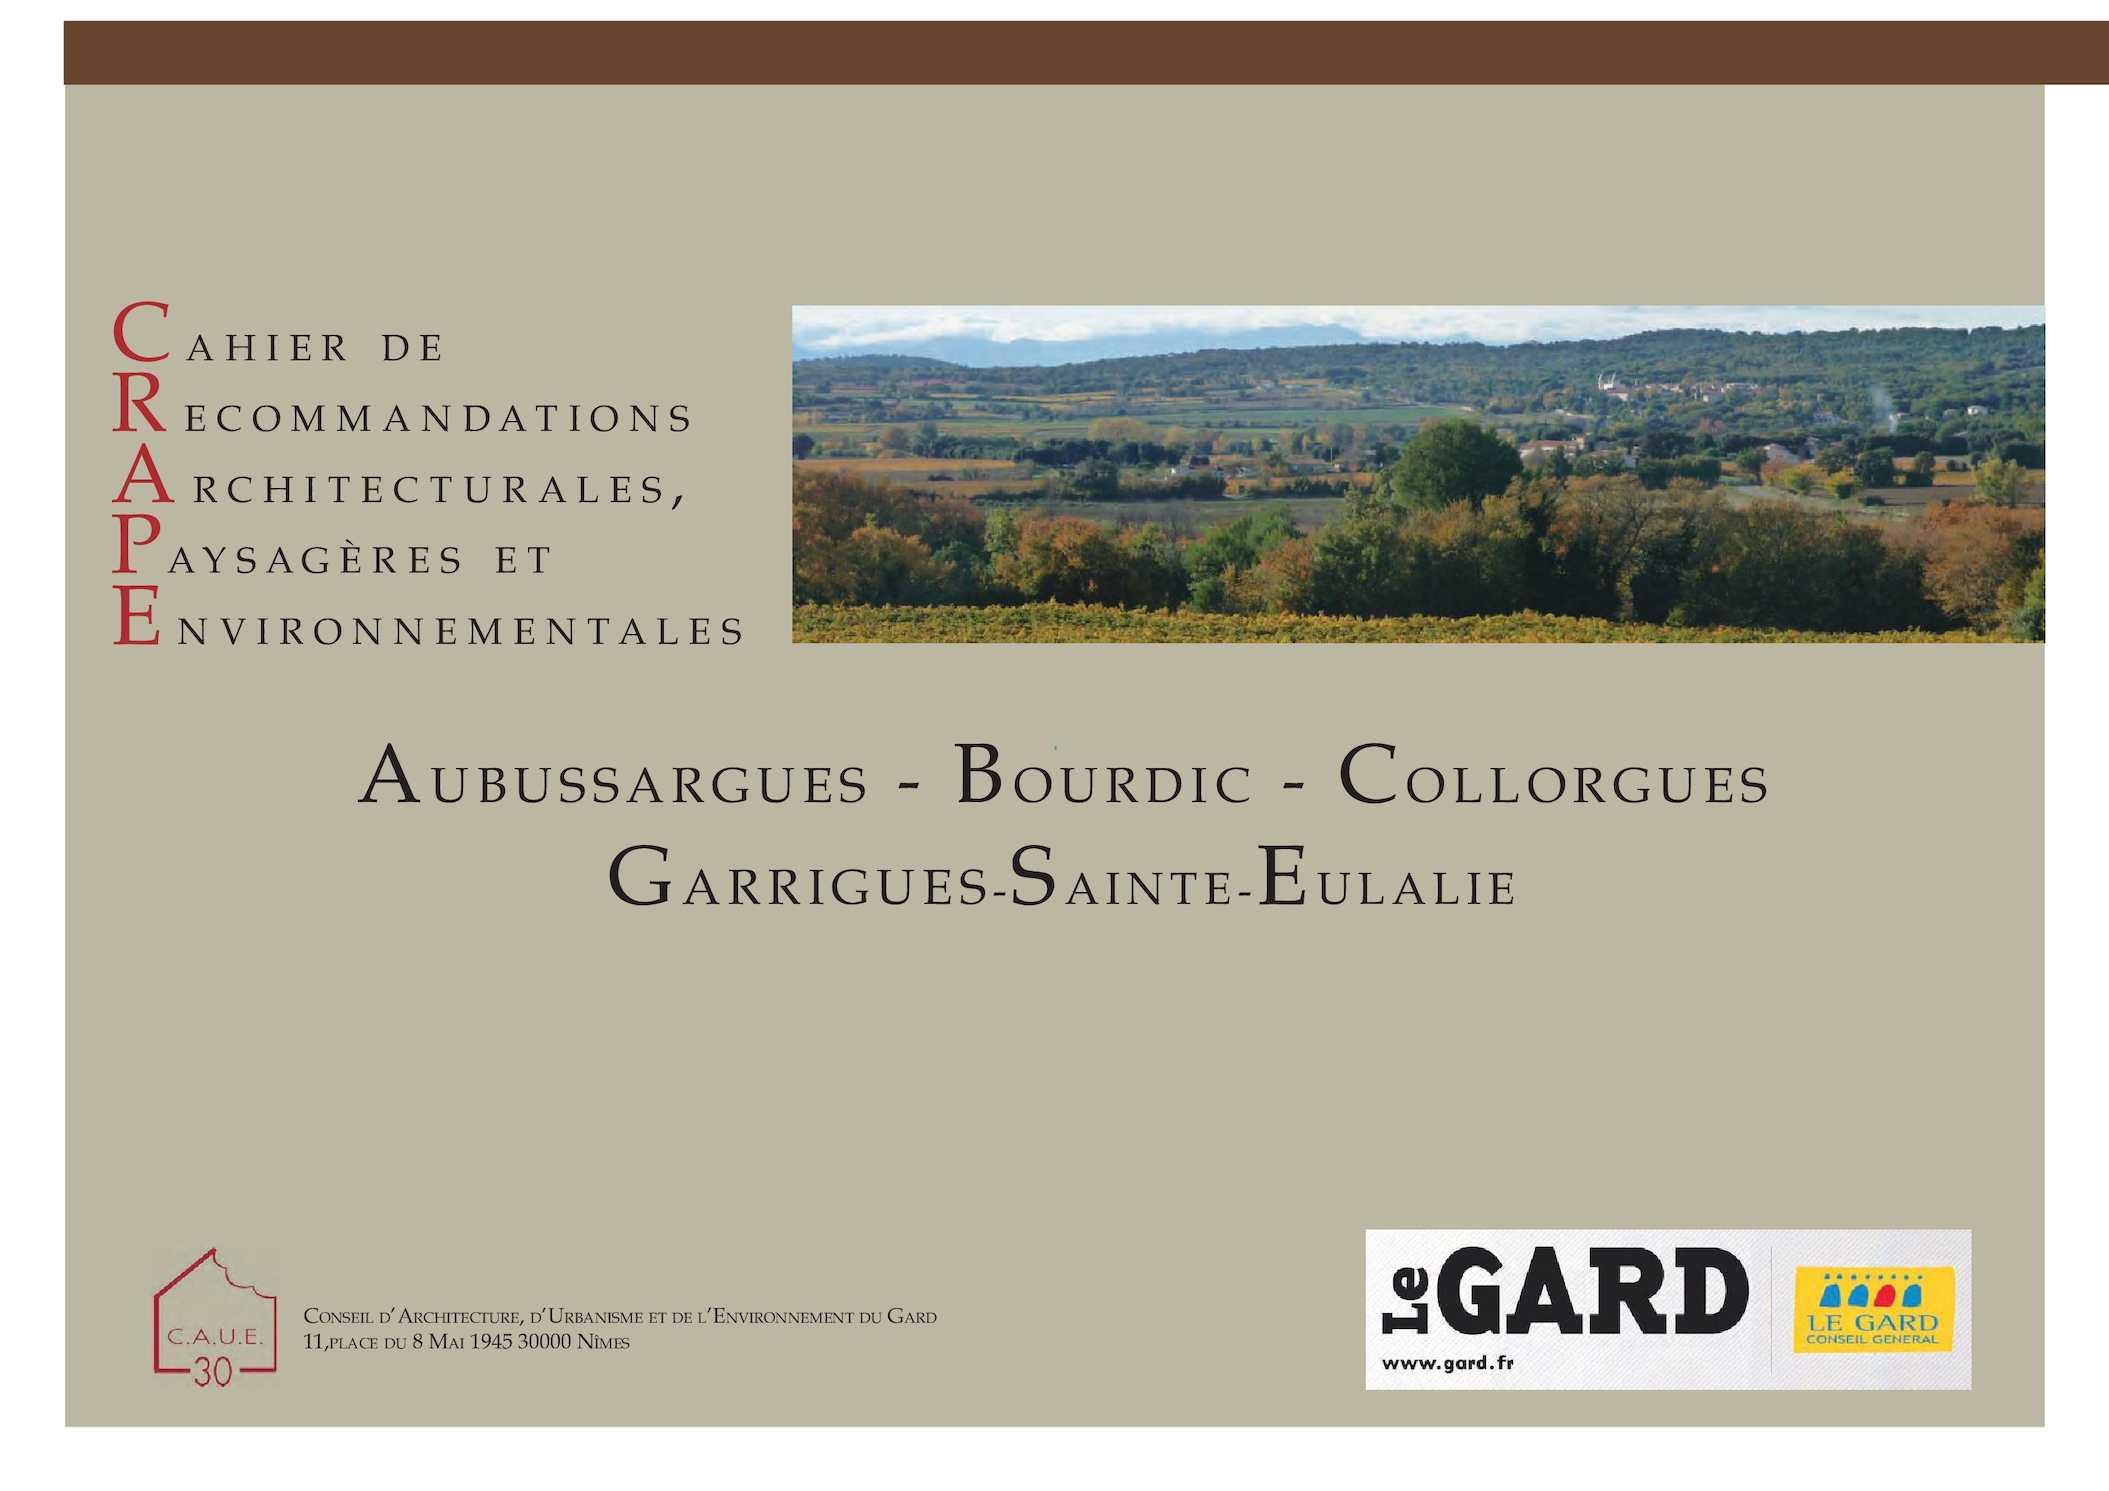 19cf79b878903 Calaméo - Cahier de Recommandations Architecturale et Paysagères de la  commune d Aubussargues